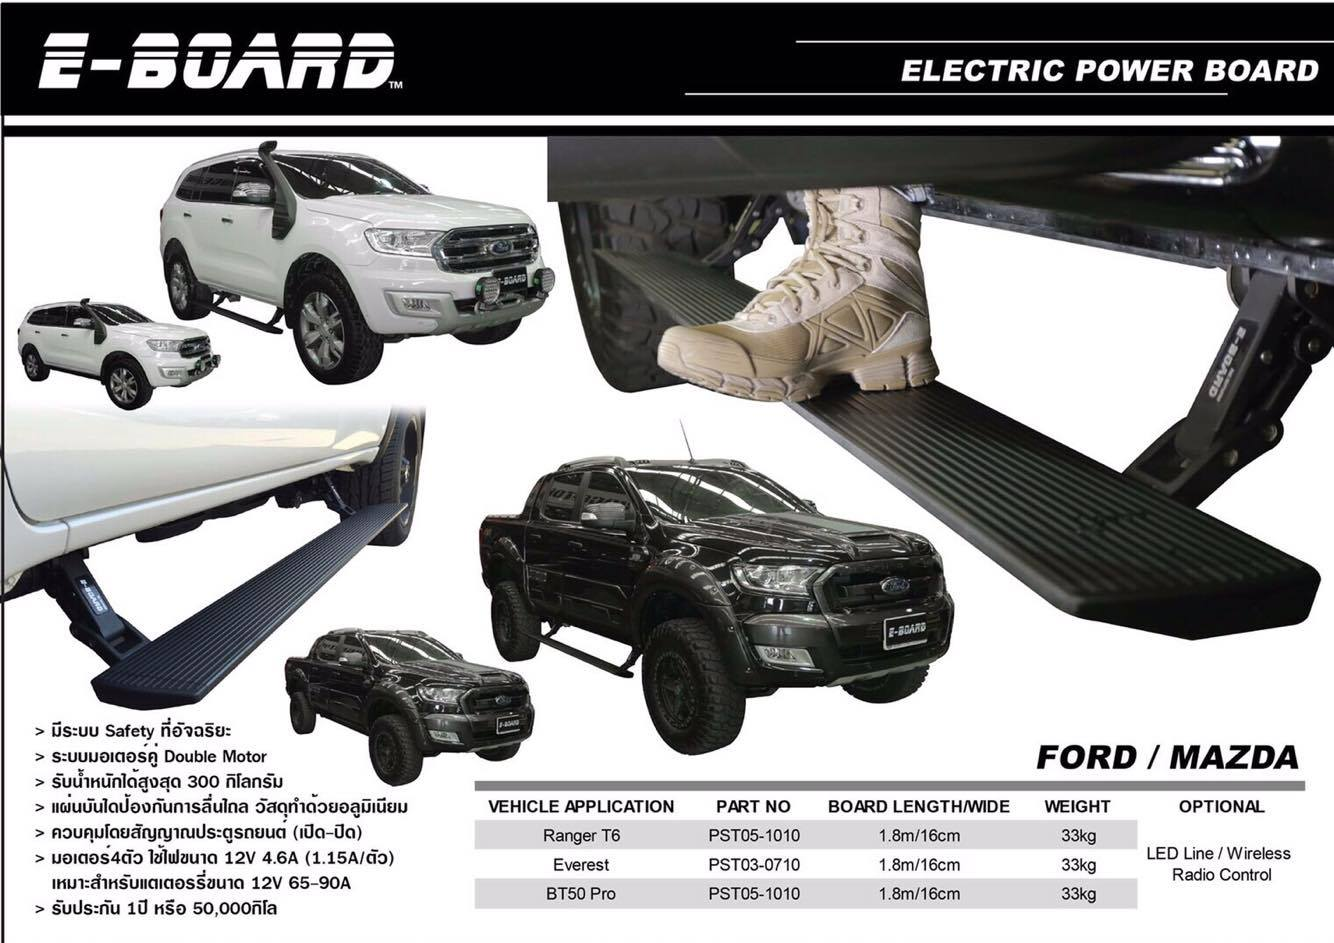 บันไดข้างสไลด์อัจฉริยะ E-BOARD